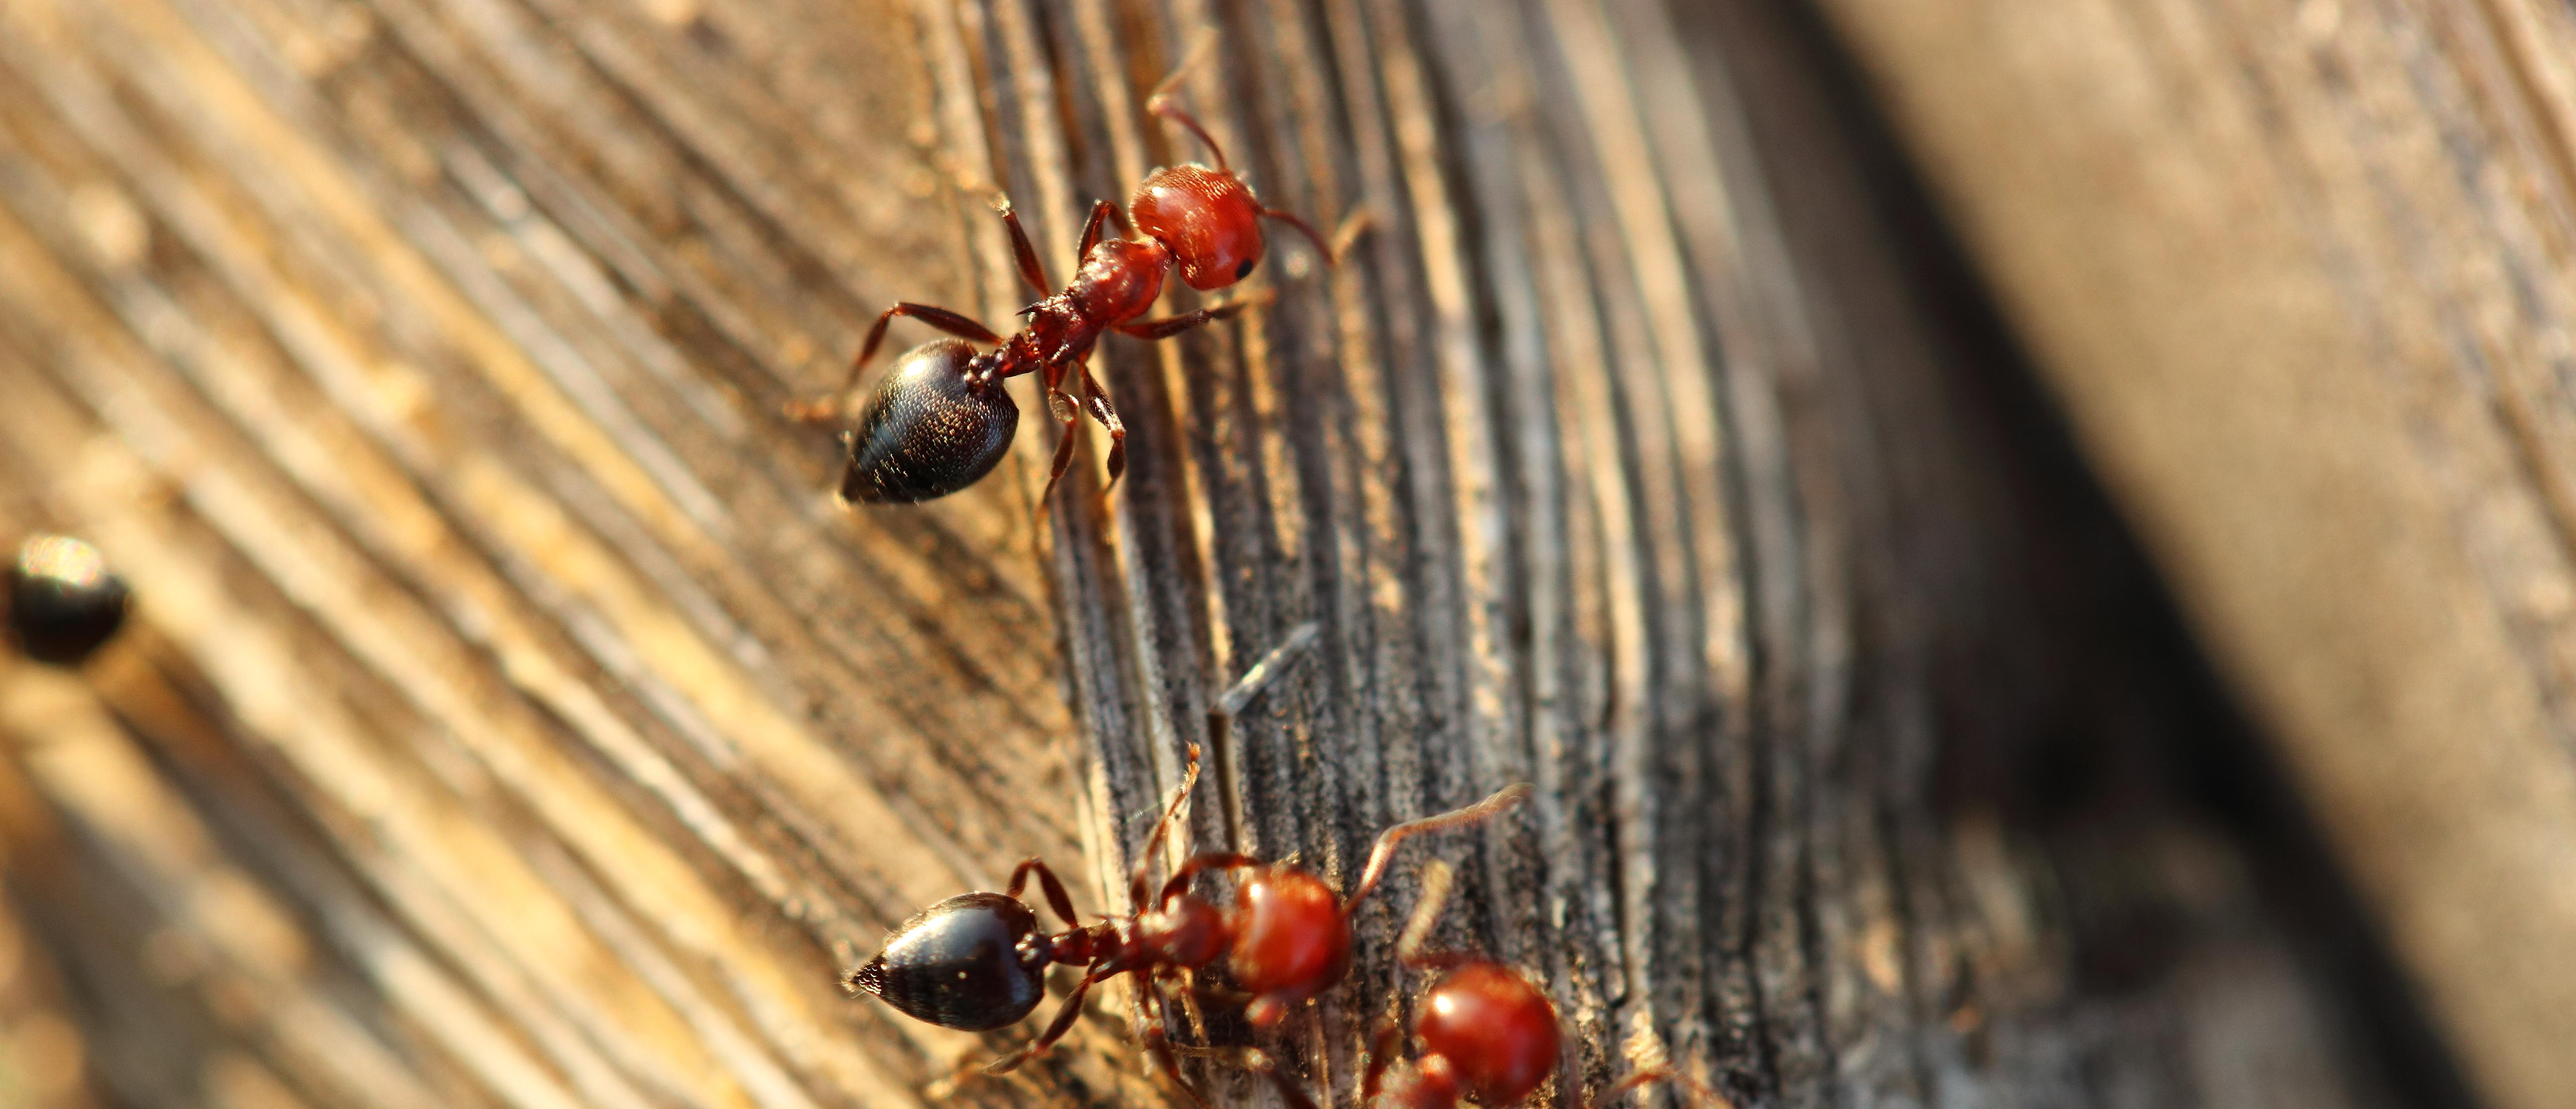 Как избавиться от муравьев (методы)